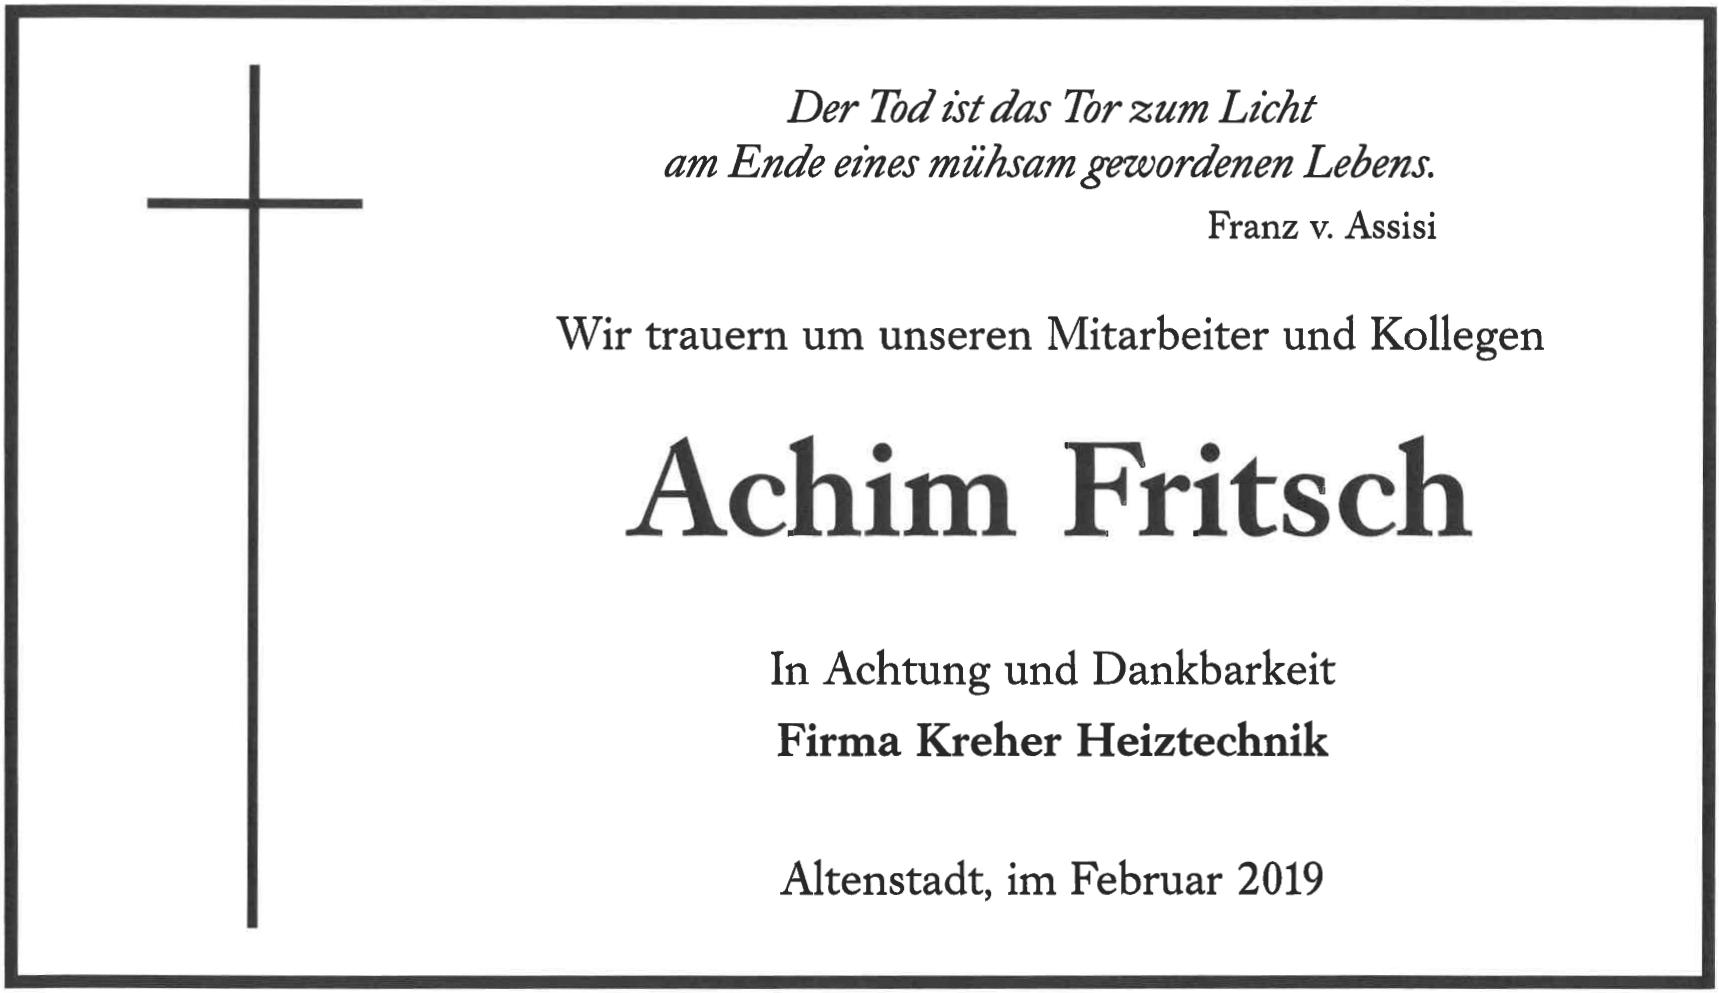 Traueranzeige Achim Fritsch